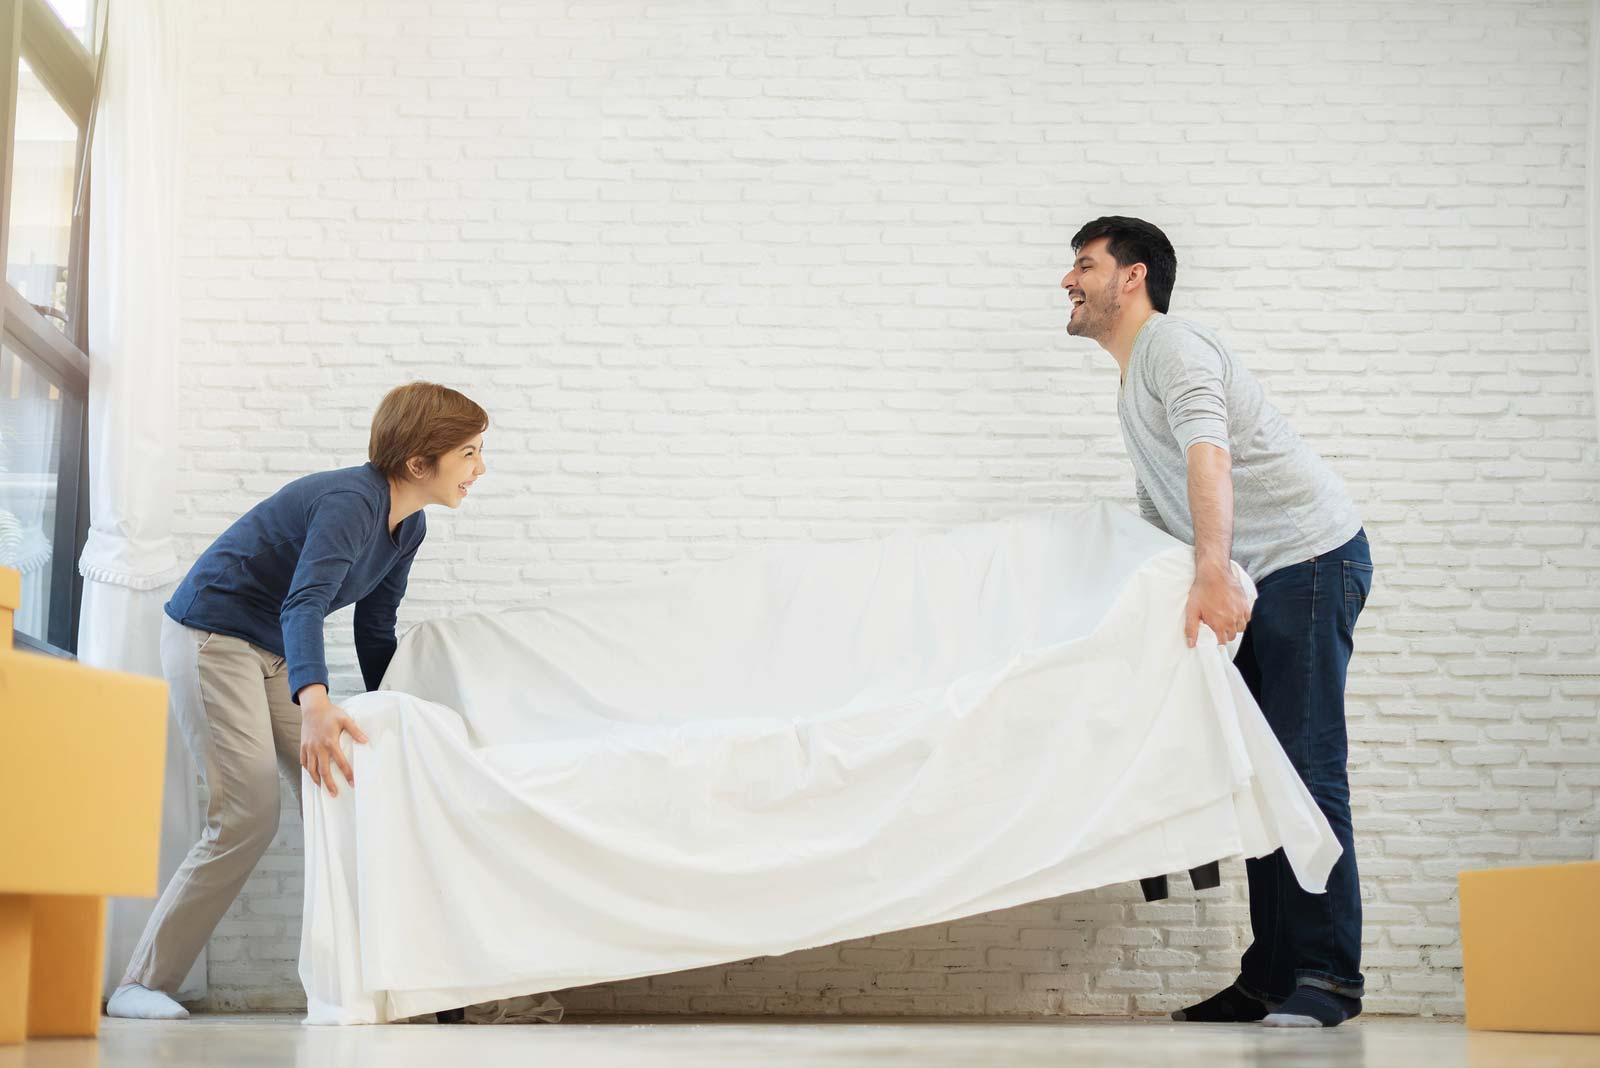 Un homme et un garçon transportent un sofa dans un local de stockage en libre-service